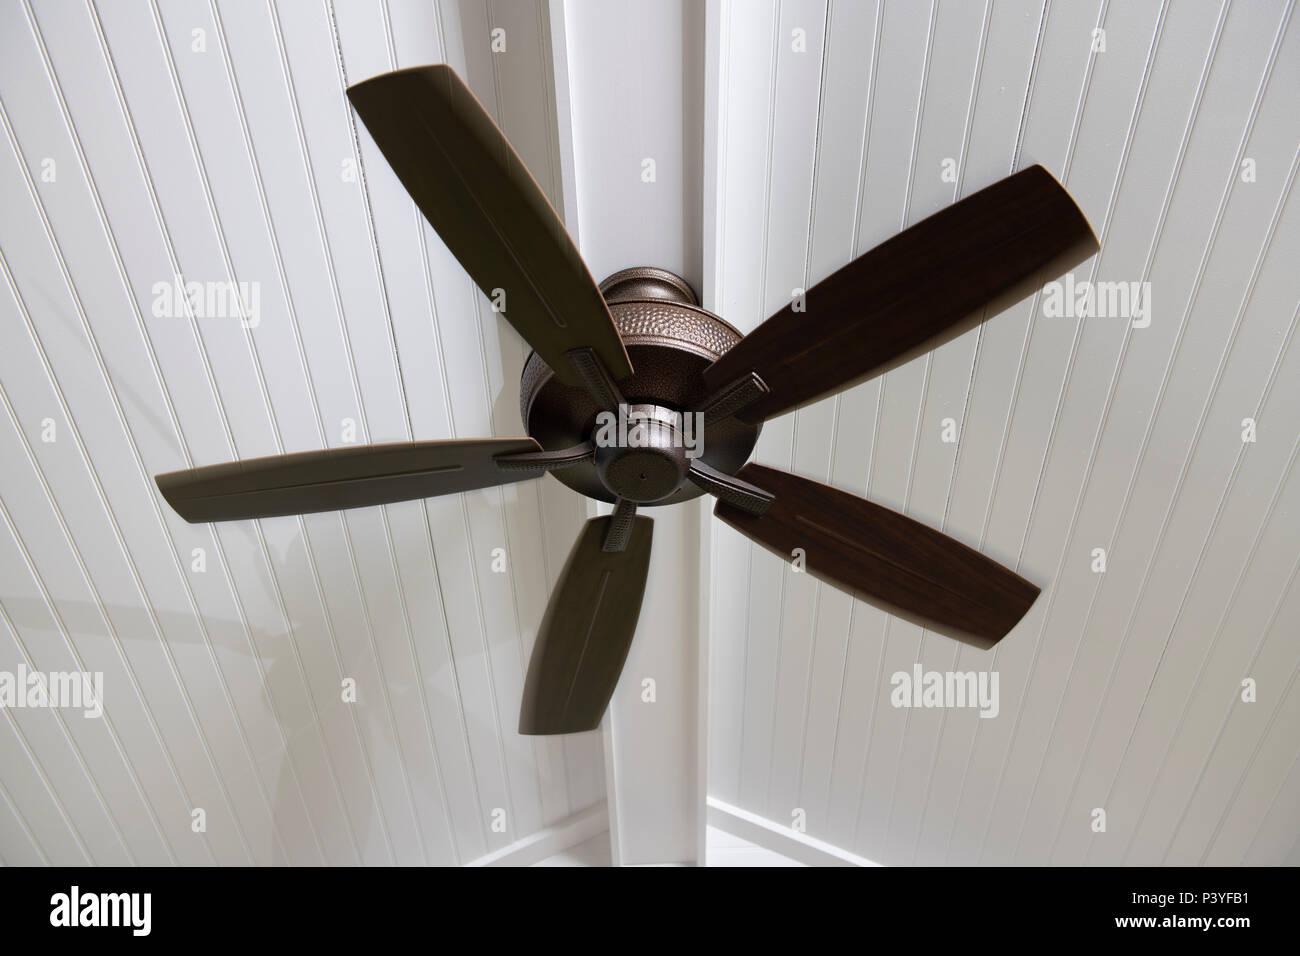 Un moderno elettrico ventilatore da soffitto su una veranda riparata per aiutare a raffreddare lo spazio in un giorno caldo Immagini Stock